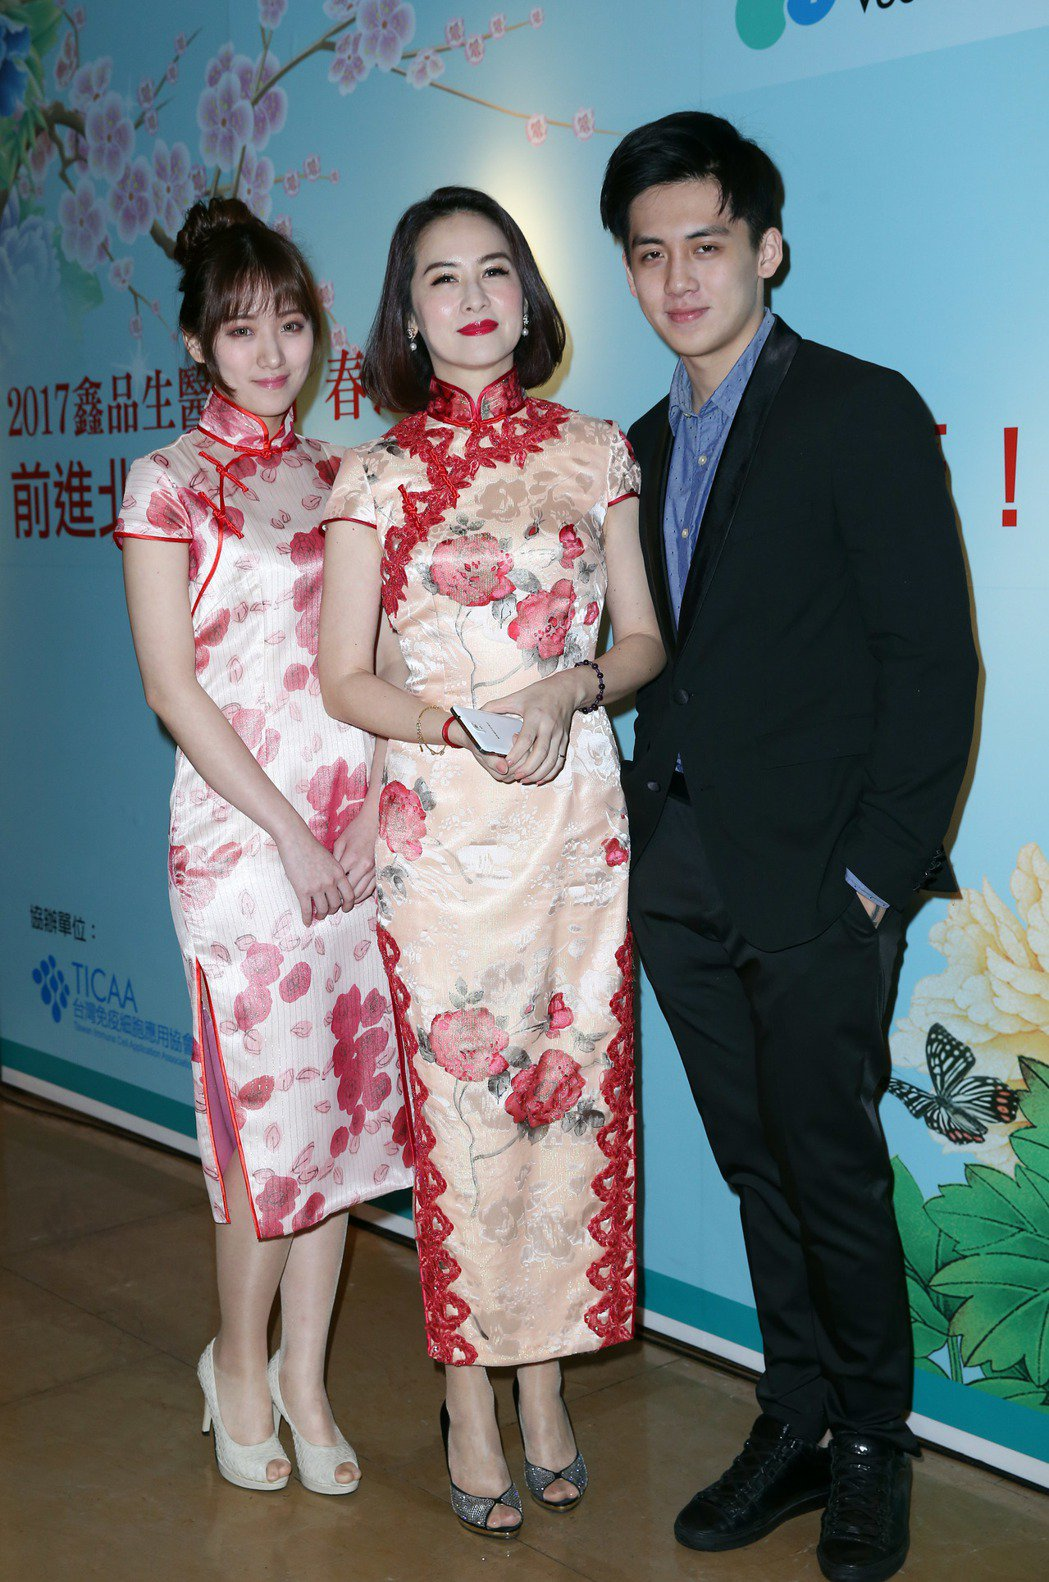 金友莊(中)和兒子寶弟及女兒阿寶參加春酒。記者陳瑞源/攝影